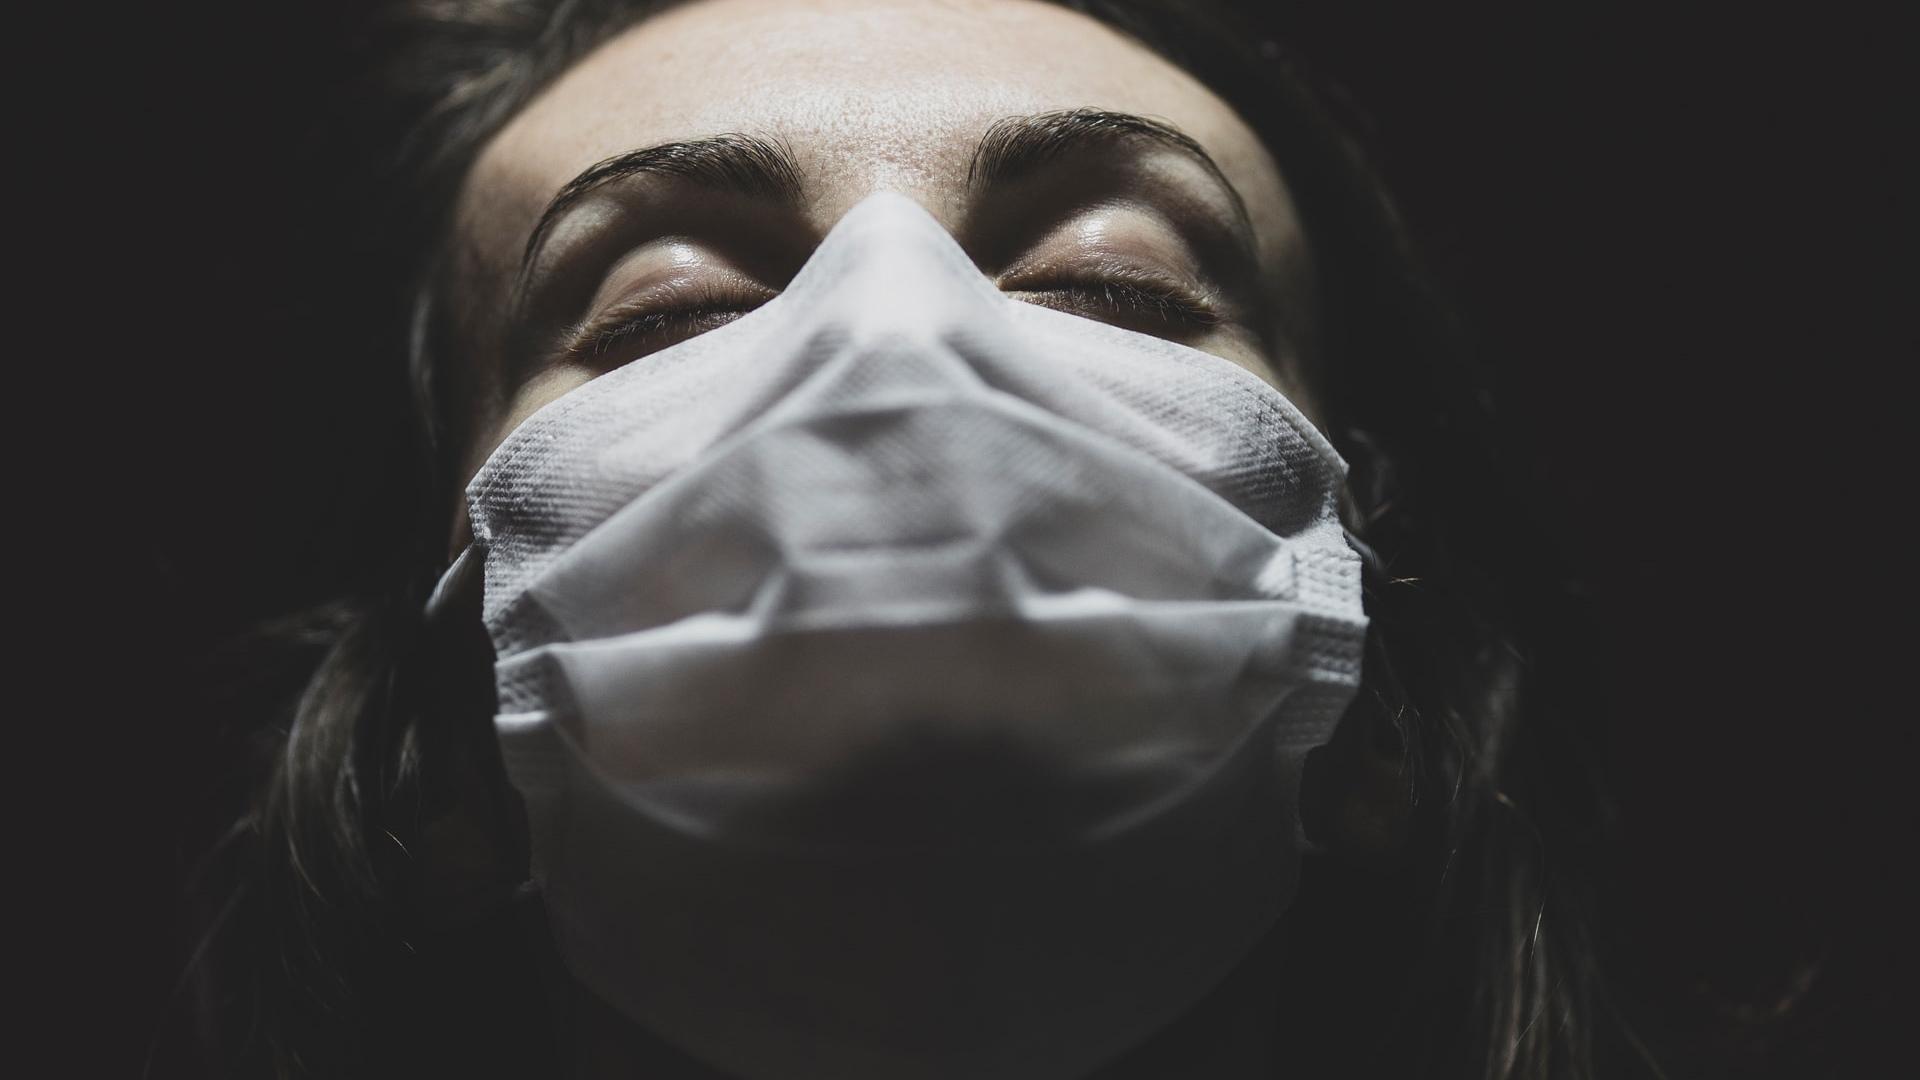 ¿Por qué Dios permite la pandemia actual?